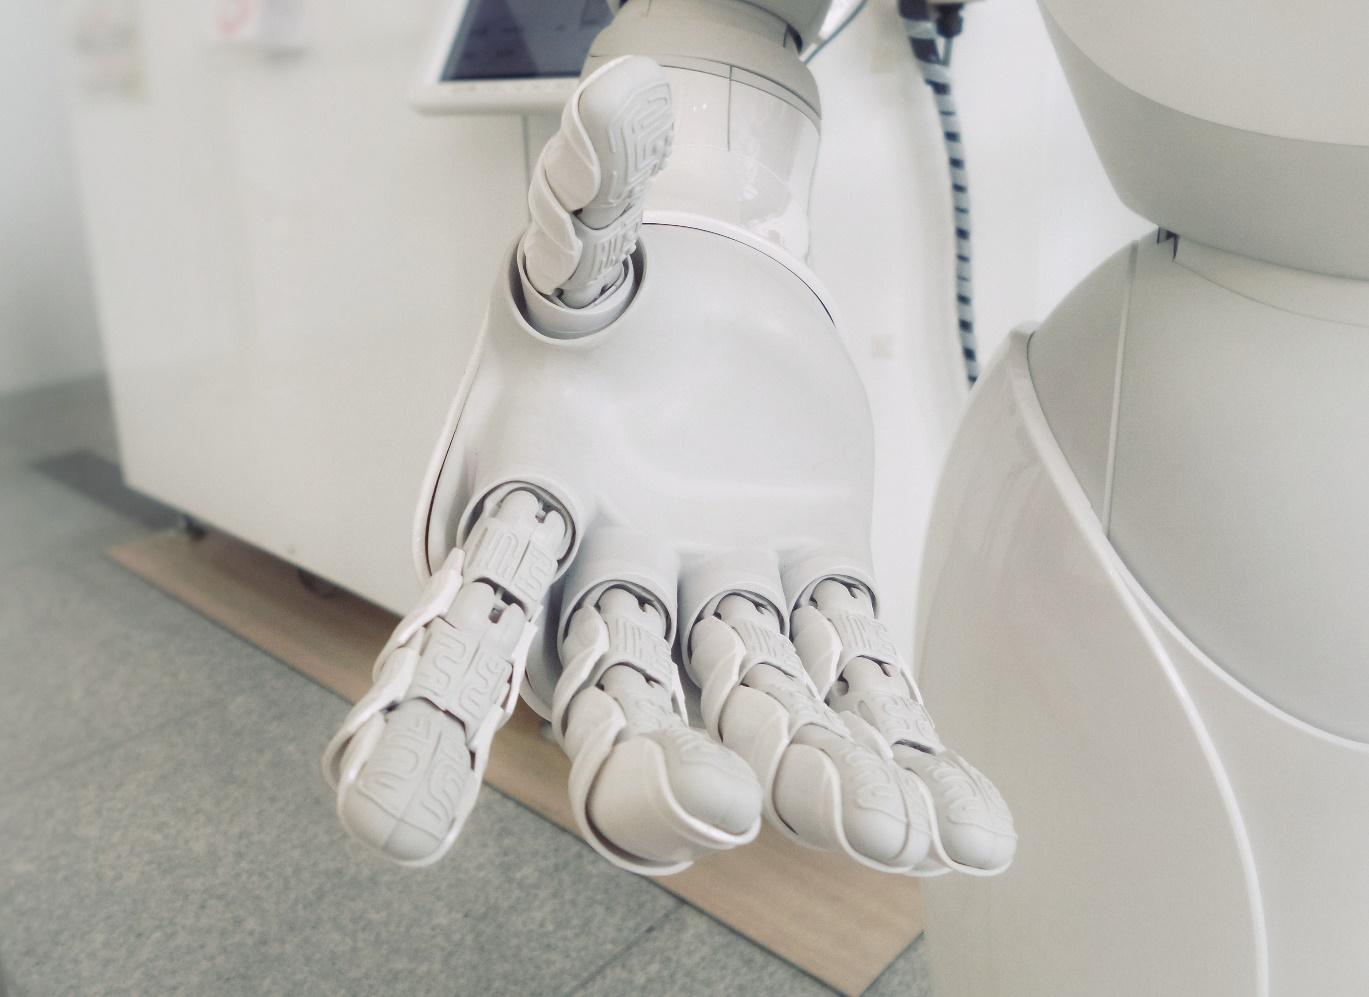 Một số tác động của công nghệ trí tuệ nhân tạo tới hệ thống bảo hộ sáng chế